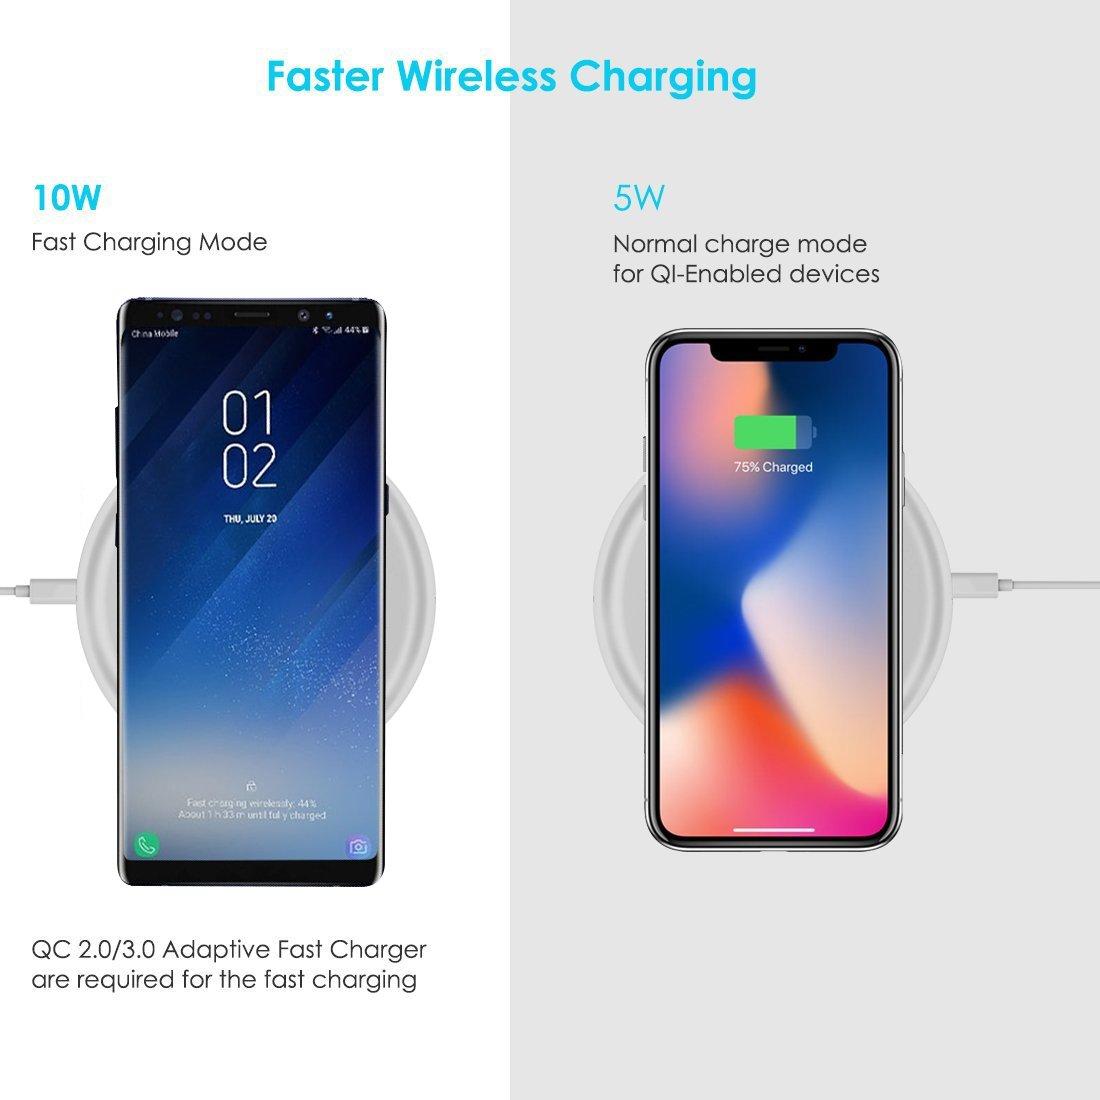 ivoler Cargador Inalámbrico Rápido, Qi Wireless Quick Charger Carga Rápida 10W y Estándar 5W para Móviles y Todos los Dispositivos con Qi [Adaptación